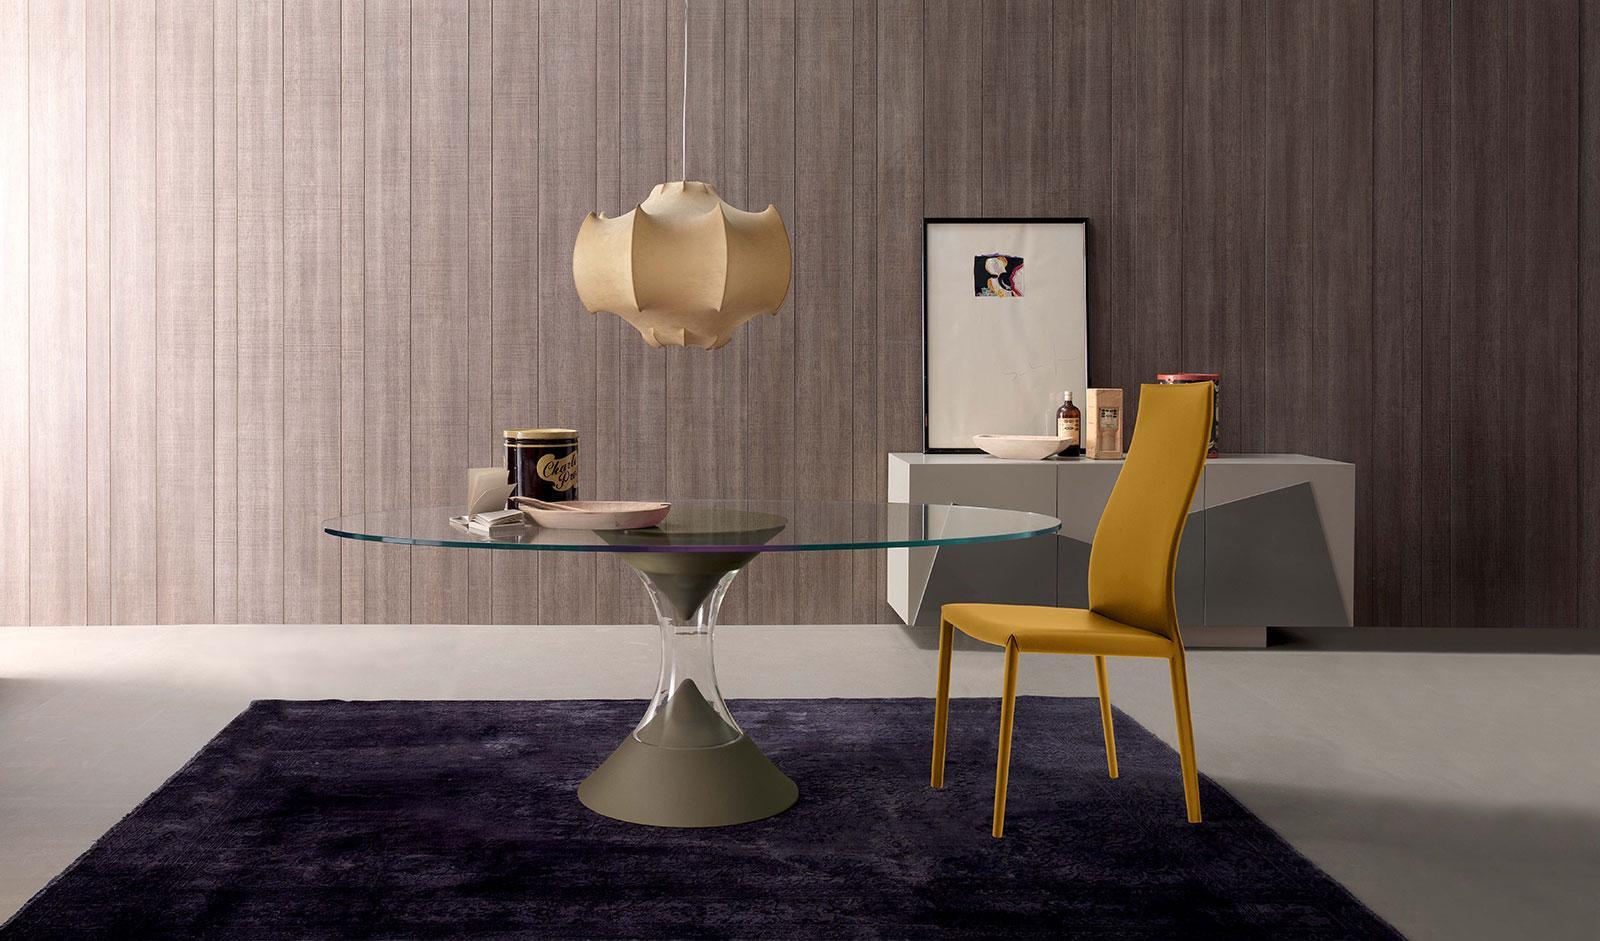 meuble bas buffet bas blanc laqué bois cuisine salle à manger vaisselier gris haut industriel meuble noyer original rangement salon